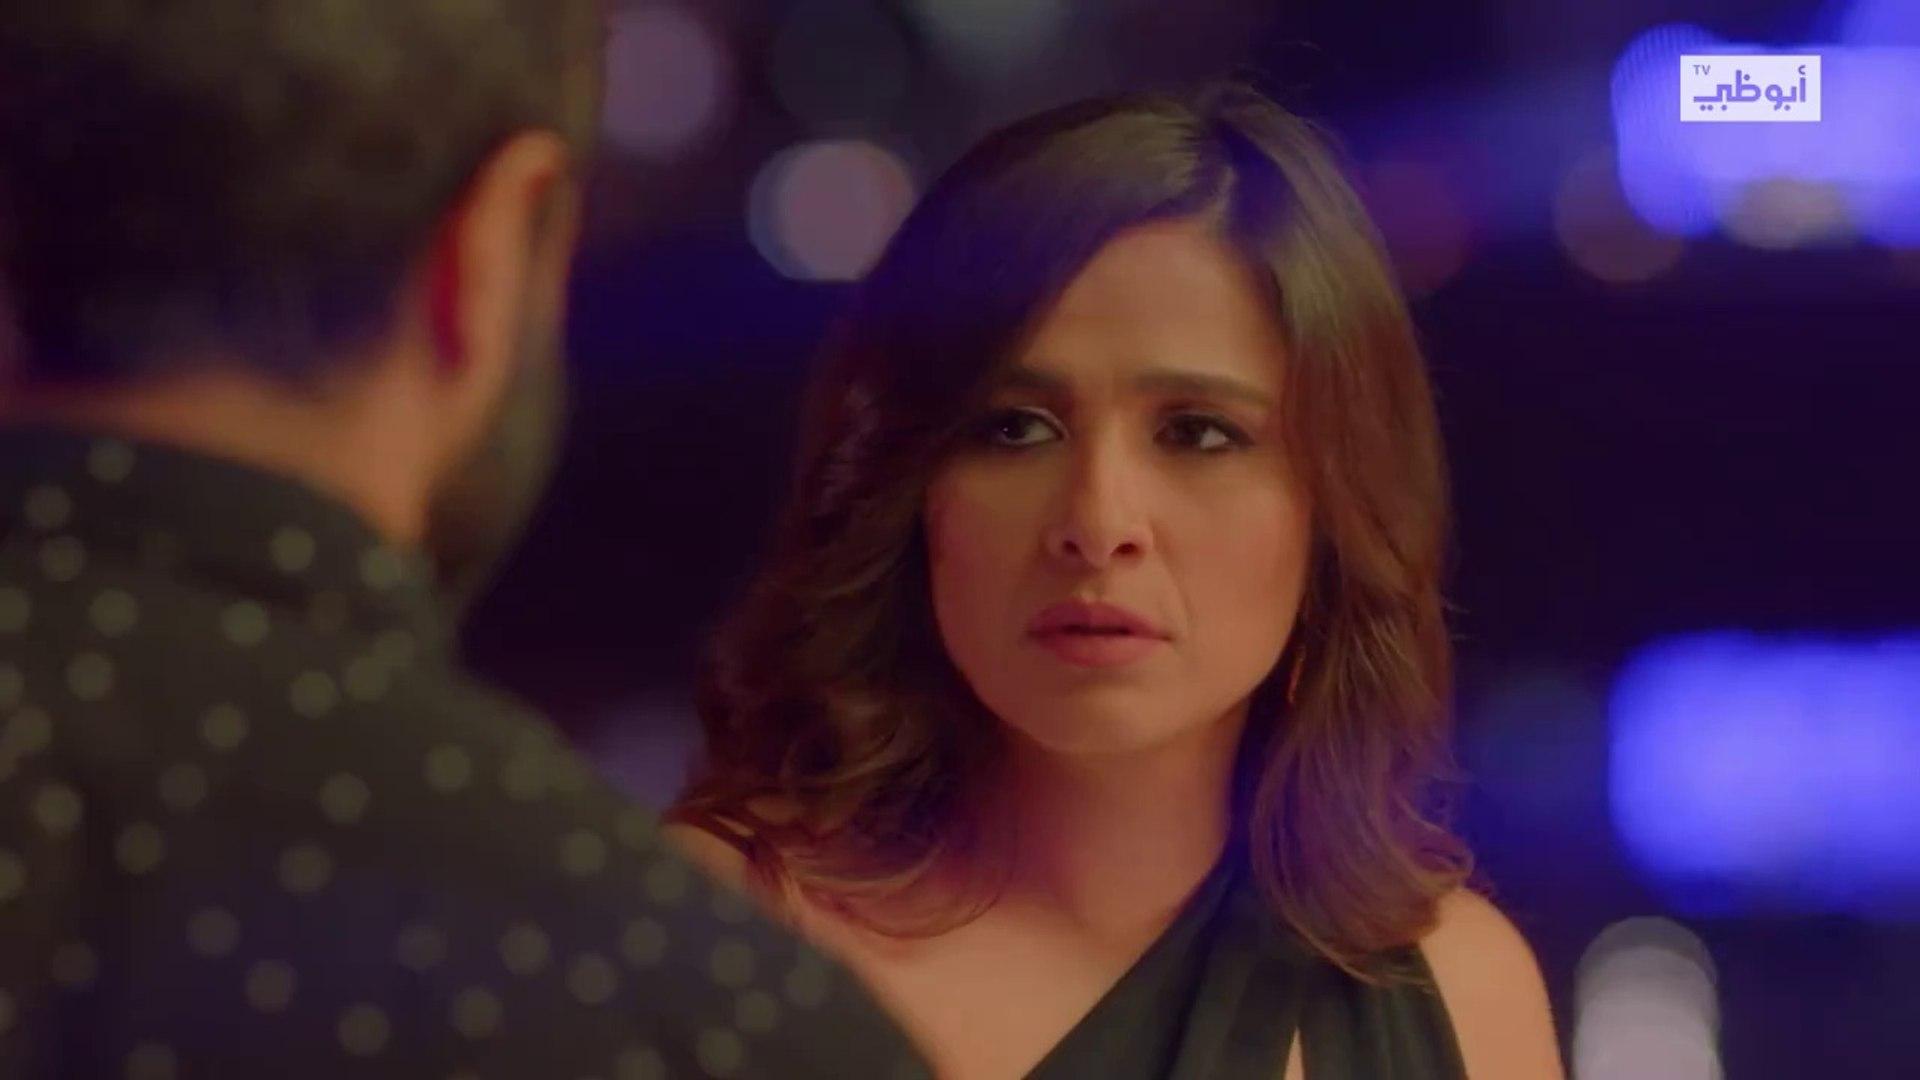 إعلان 1 مسلسل ونحب تاني ليه على قناة أبوظبي